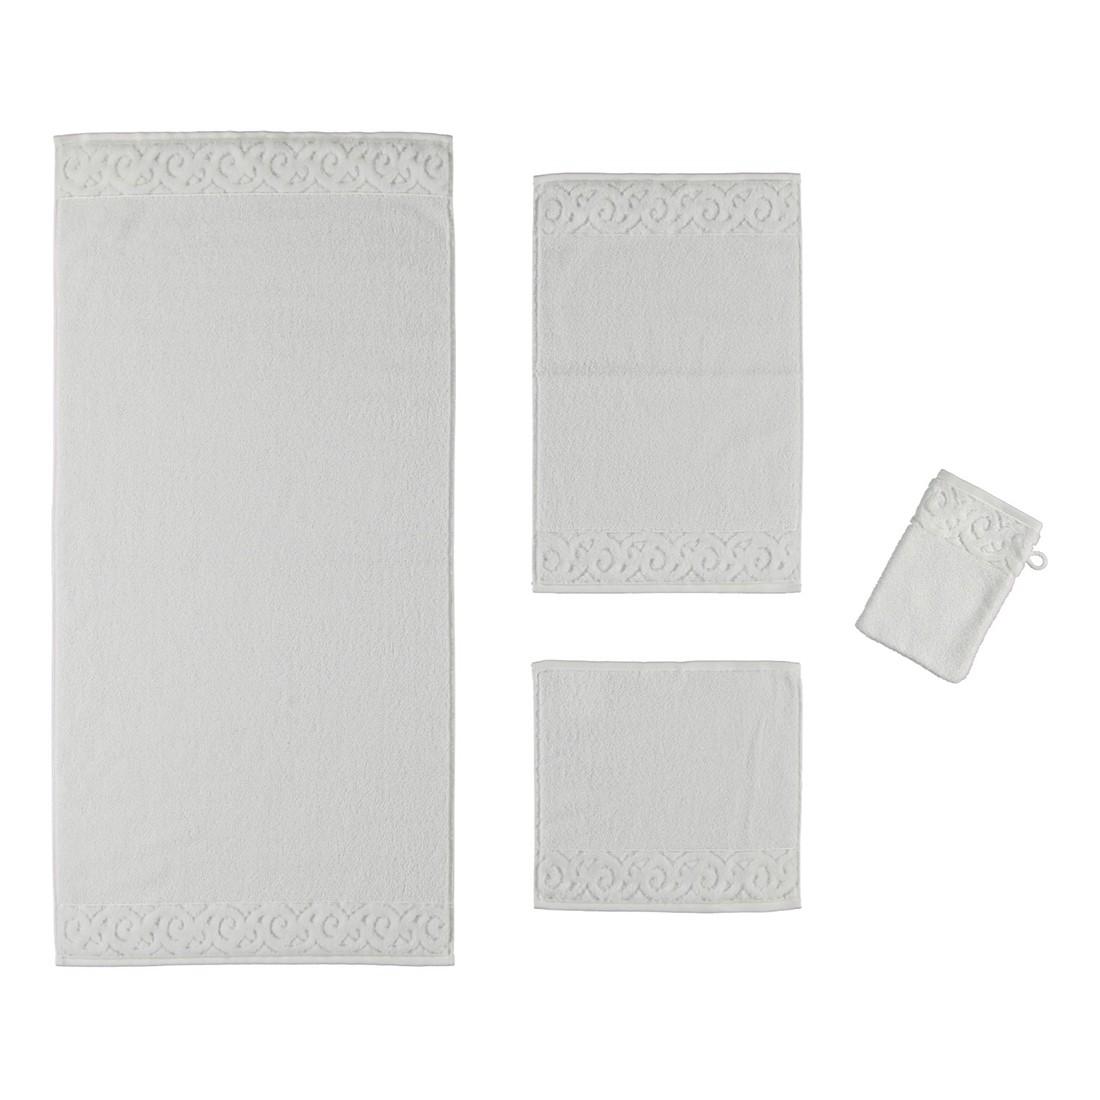 Handtuch Paris Supersoft – 100% Baumwolle Weiß – 030 – Badetuch: 100 x 150 cm, Vossen jetzt bestellen